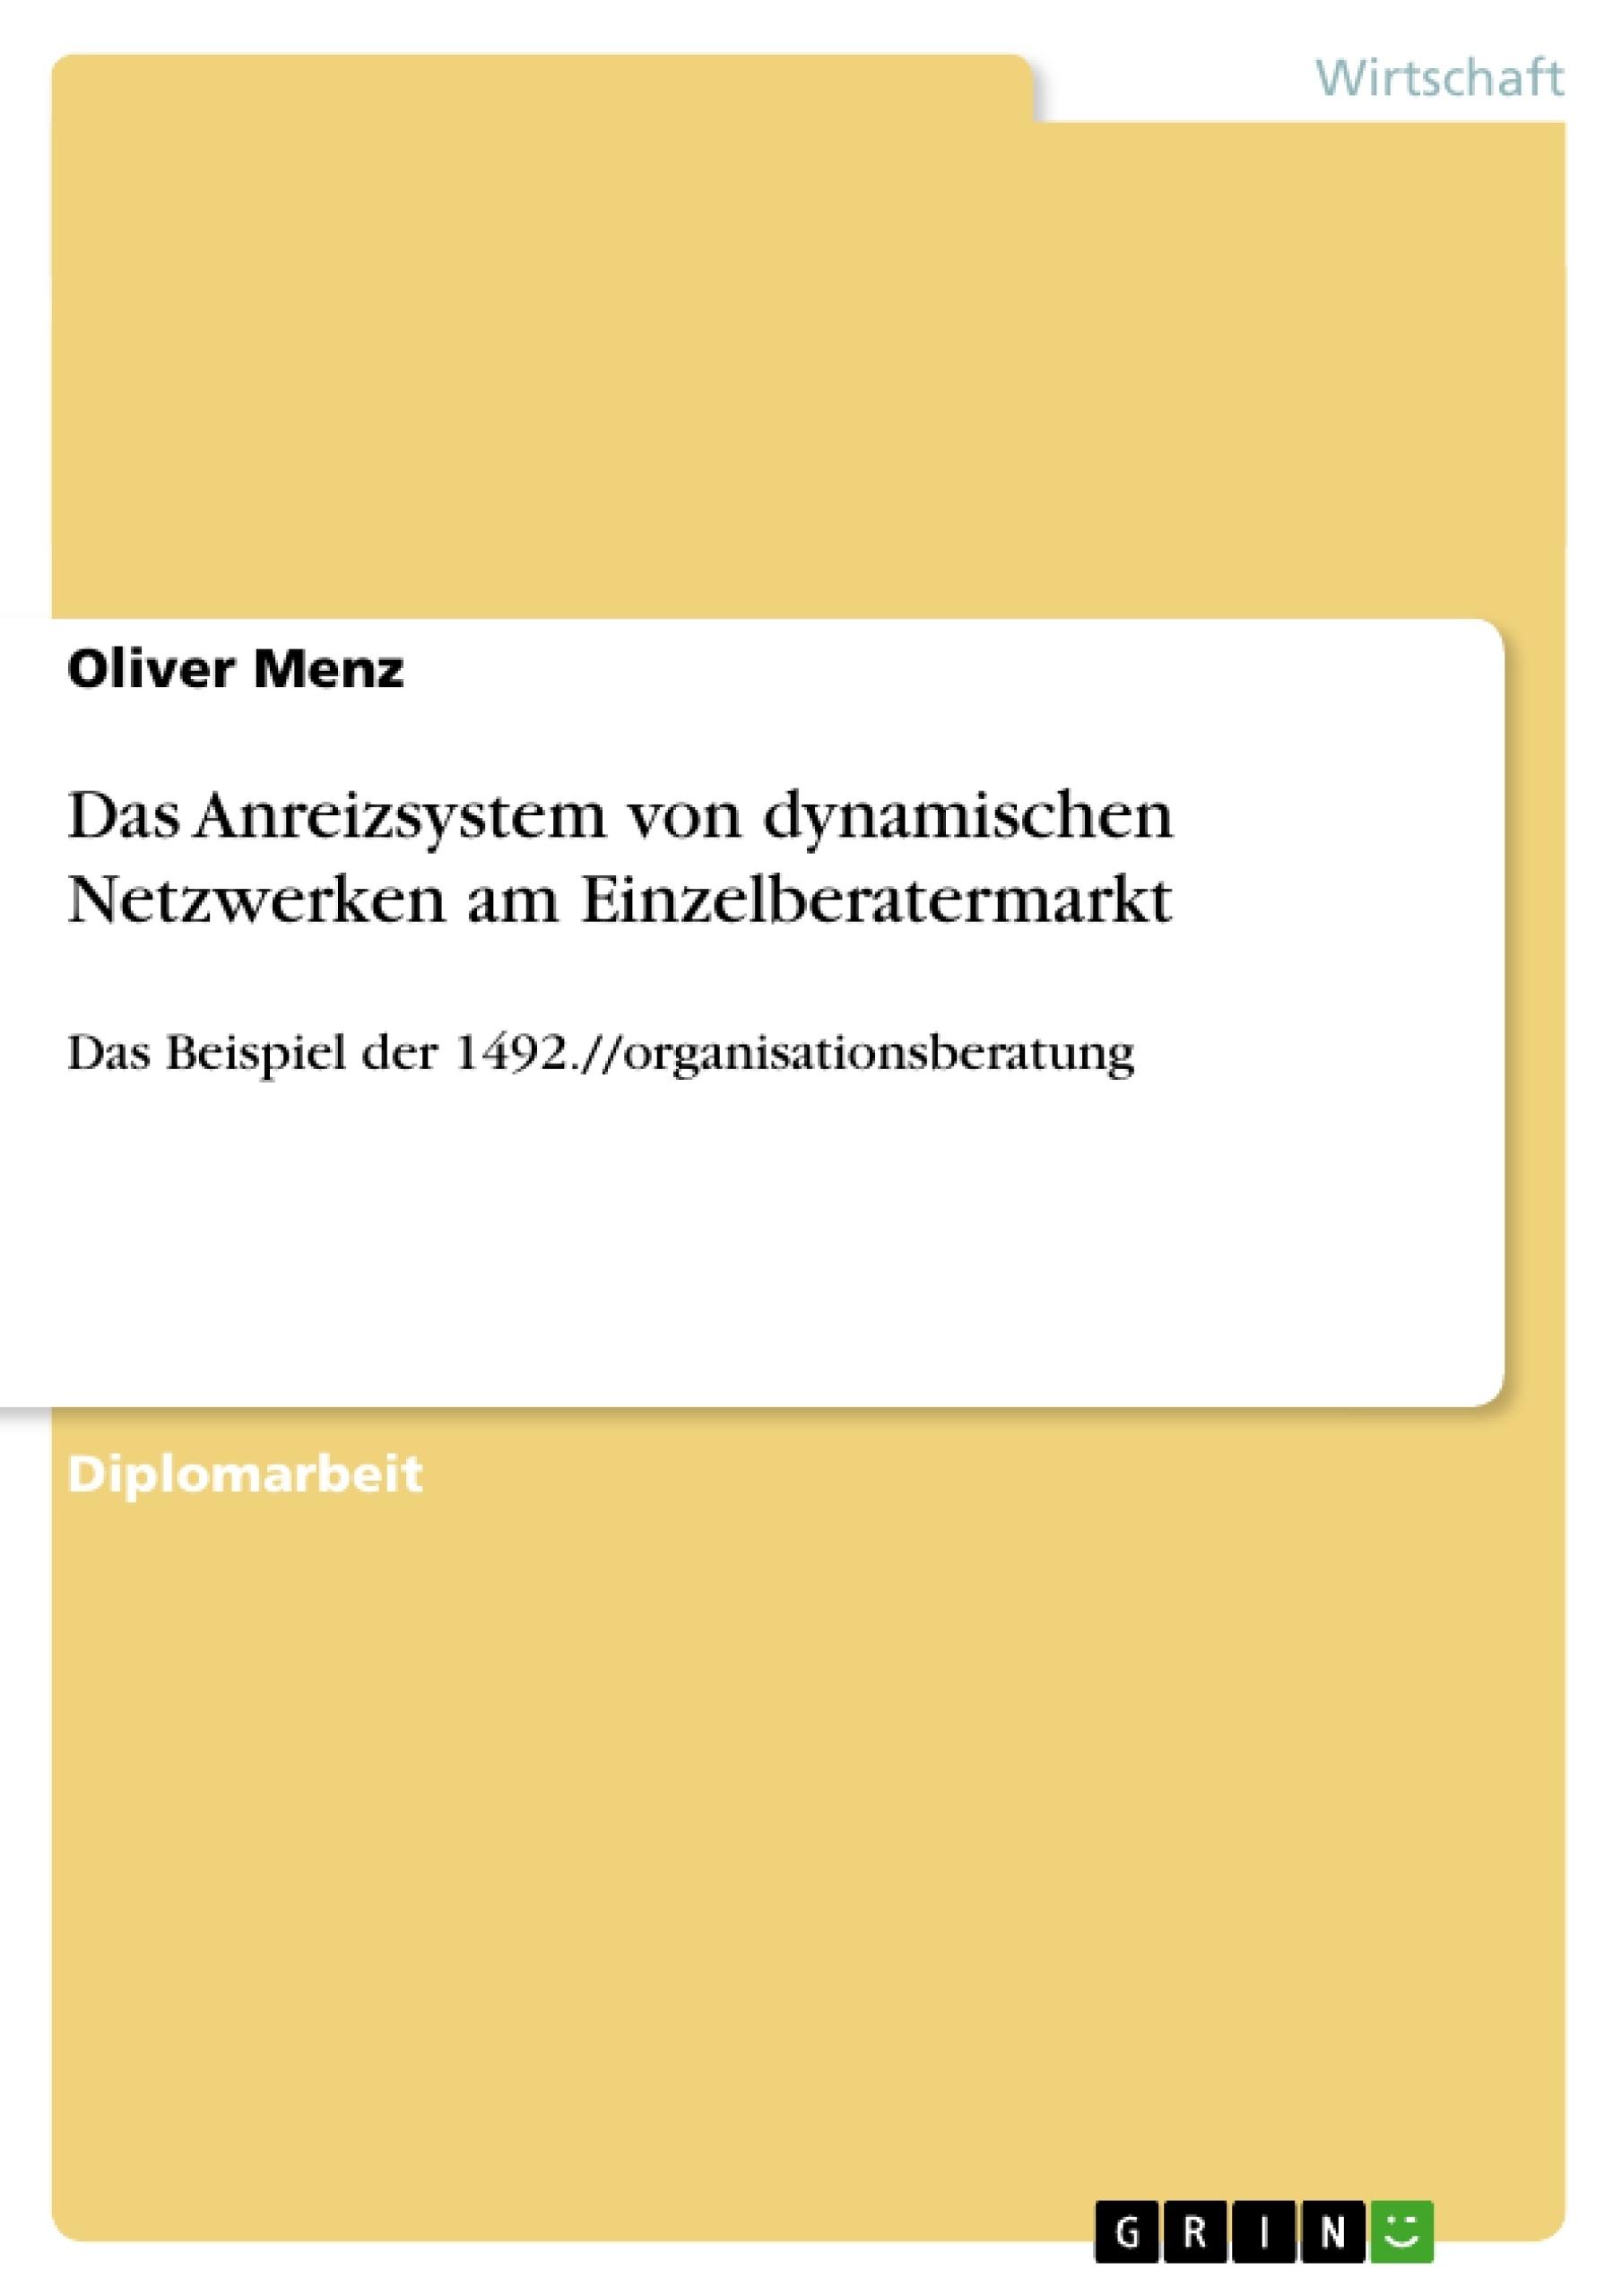 Titel: Das Anreizsystem von dynamischen Netzwerken am Einzelberatermarkt